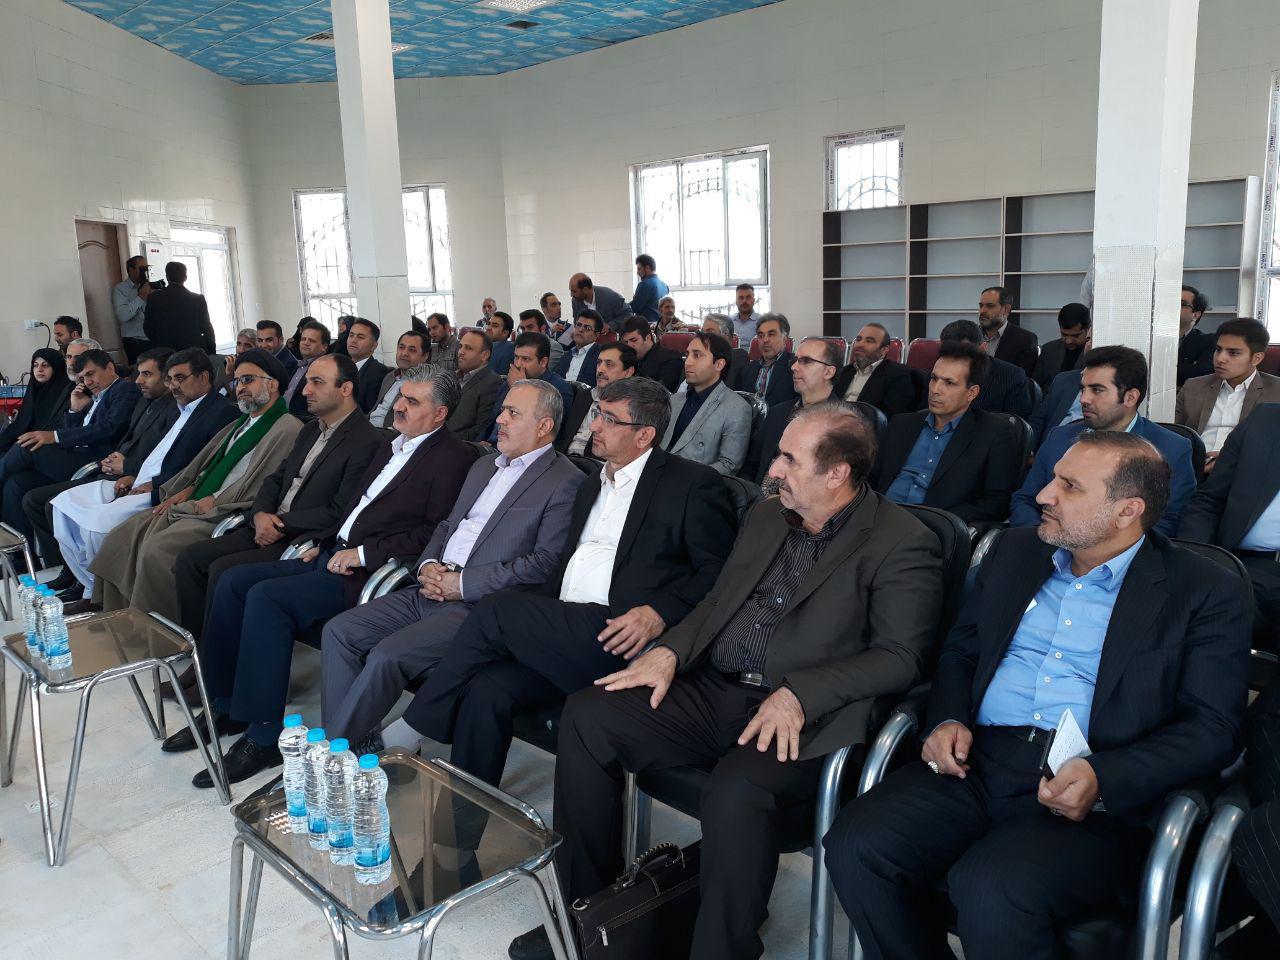 رییس کمیسیون اجتماعی مجلس در قزوین مطرح کرد؛ افزایش ۲۵ درصدی طلاق در جامعه/ افزایش آسیبهای اجتماعی نشانه سوءمدیریتهاست